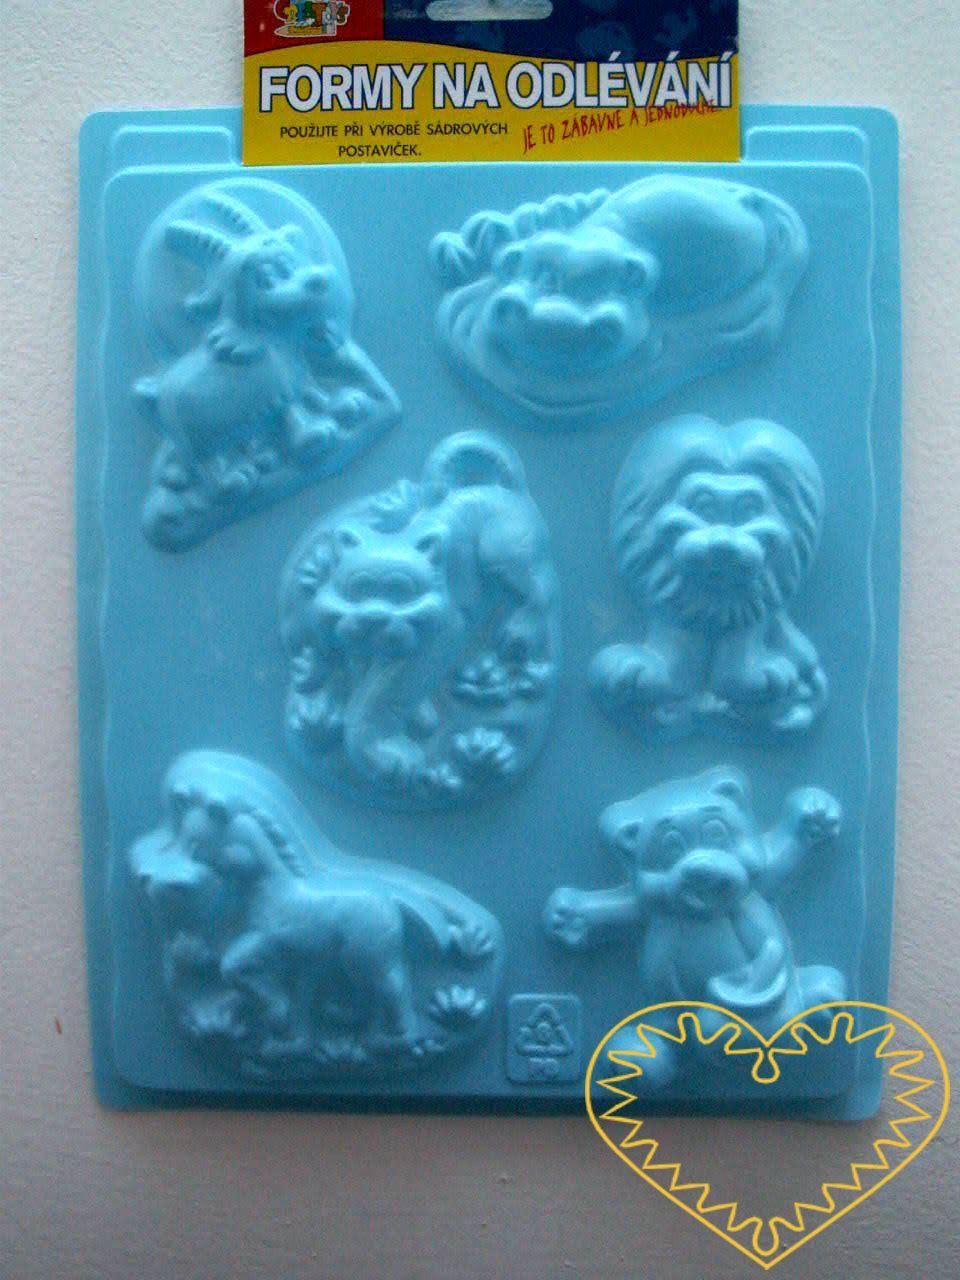 Plastová forma se šesti motivy, vhodná na odlévání ze sádry, na vytlačování modelovacích hmot apod. Motivy: kozel, hroch, kocour, lev, koník, medvěd. Po zaschnutí lze odlitek vybarvit vodovými či akrylovými barvami, popř. nalakovat. Prima zábava pro